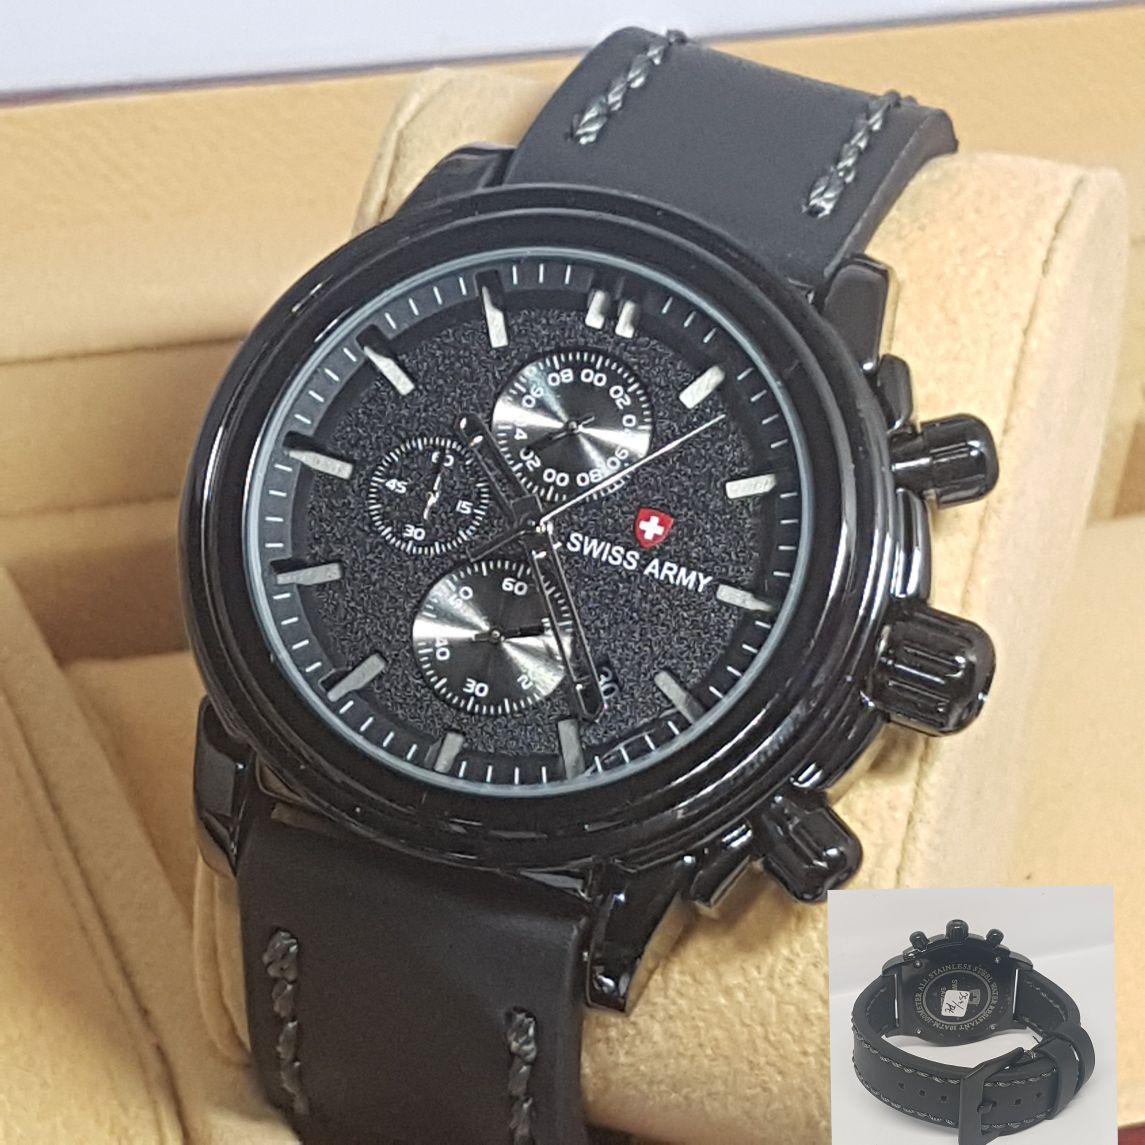 Swiss Army Fashion - Toko Grosir 1191 - Chrono aktif/Tanggal Aktif Free(Box Swiss Army Ekslusive)  - Jam tangan Pria - Tali Kulit Terbaru